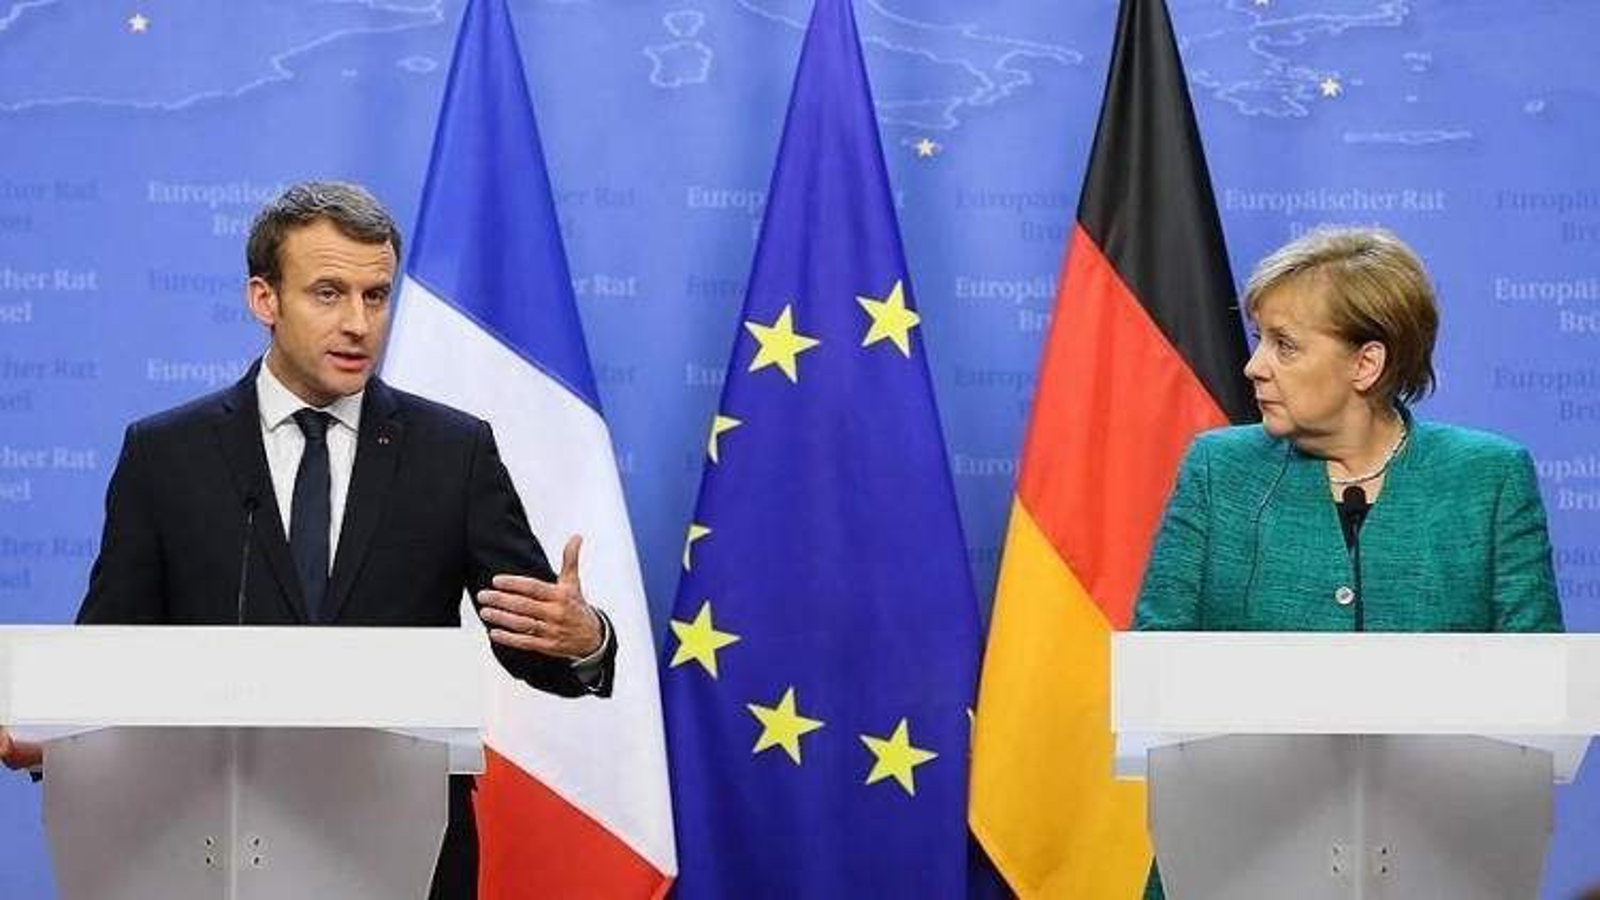 Đức-Pháp cam kết tiếp tục tăng ngân sách quốc phòng, tin tưởng NATO